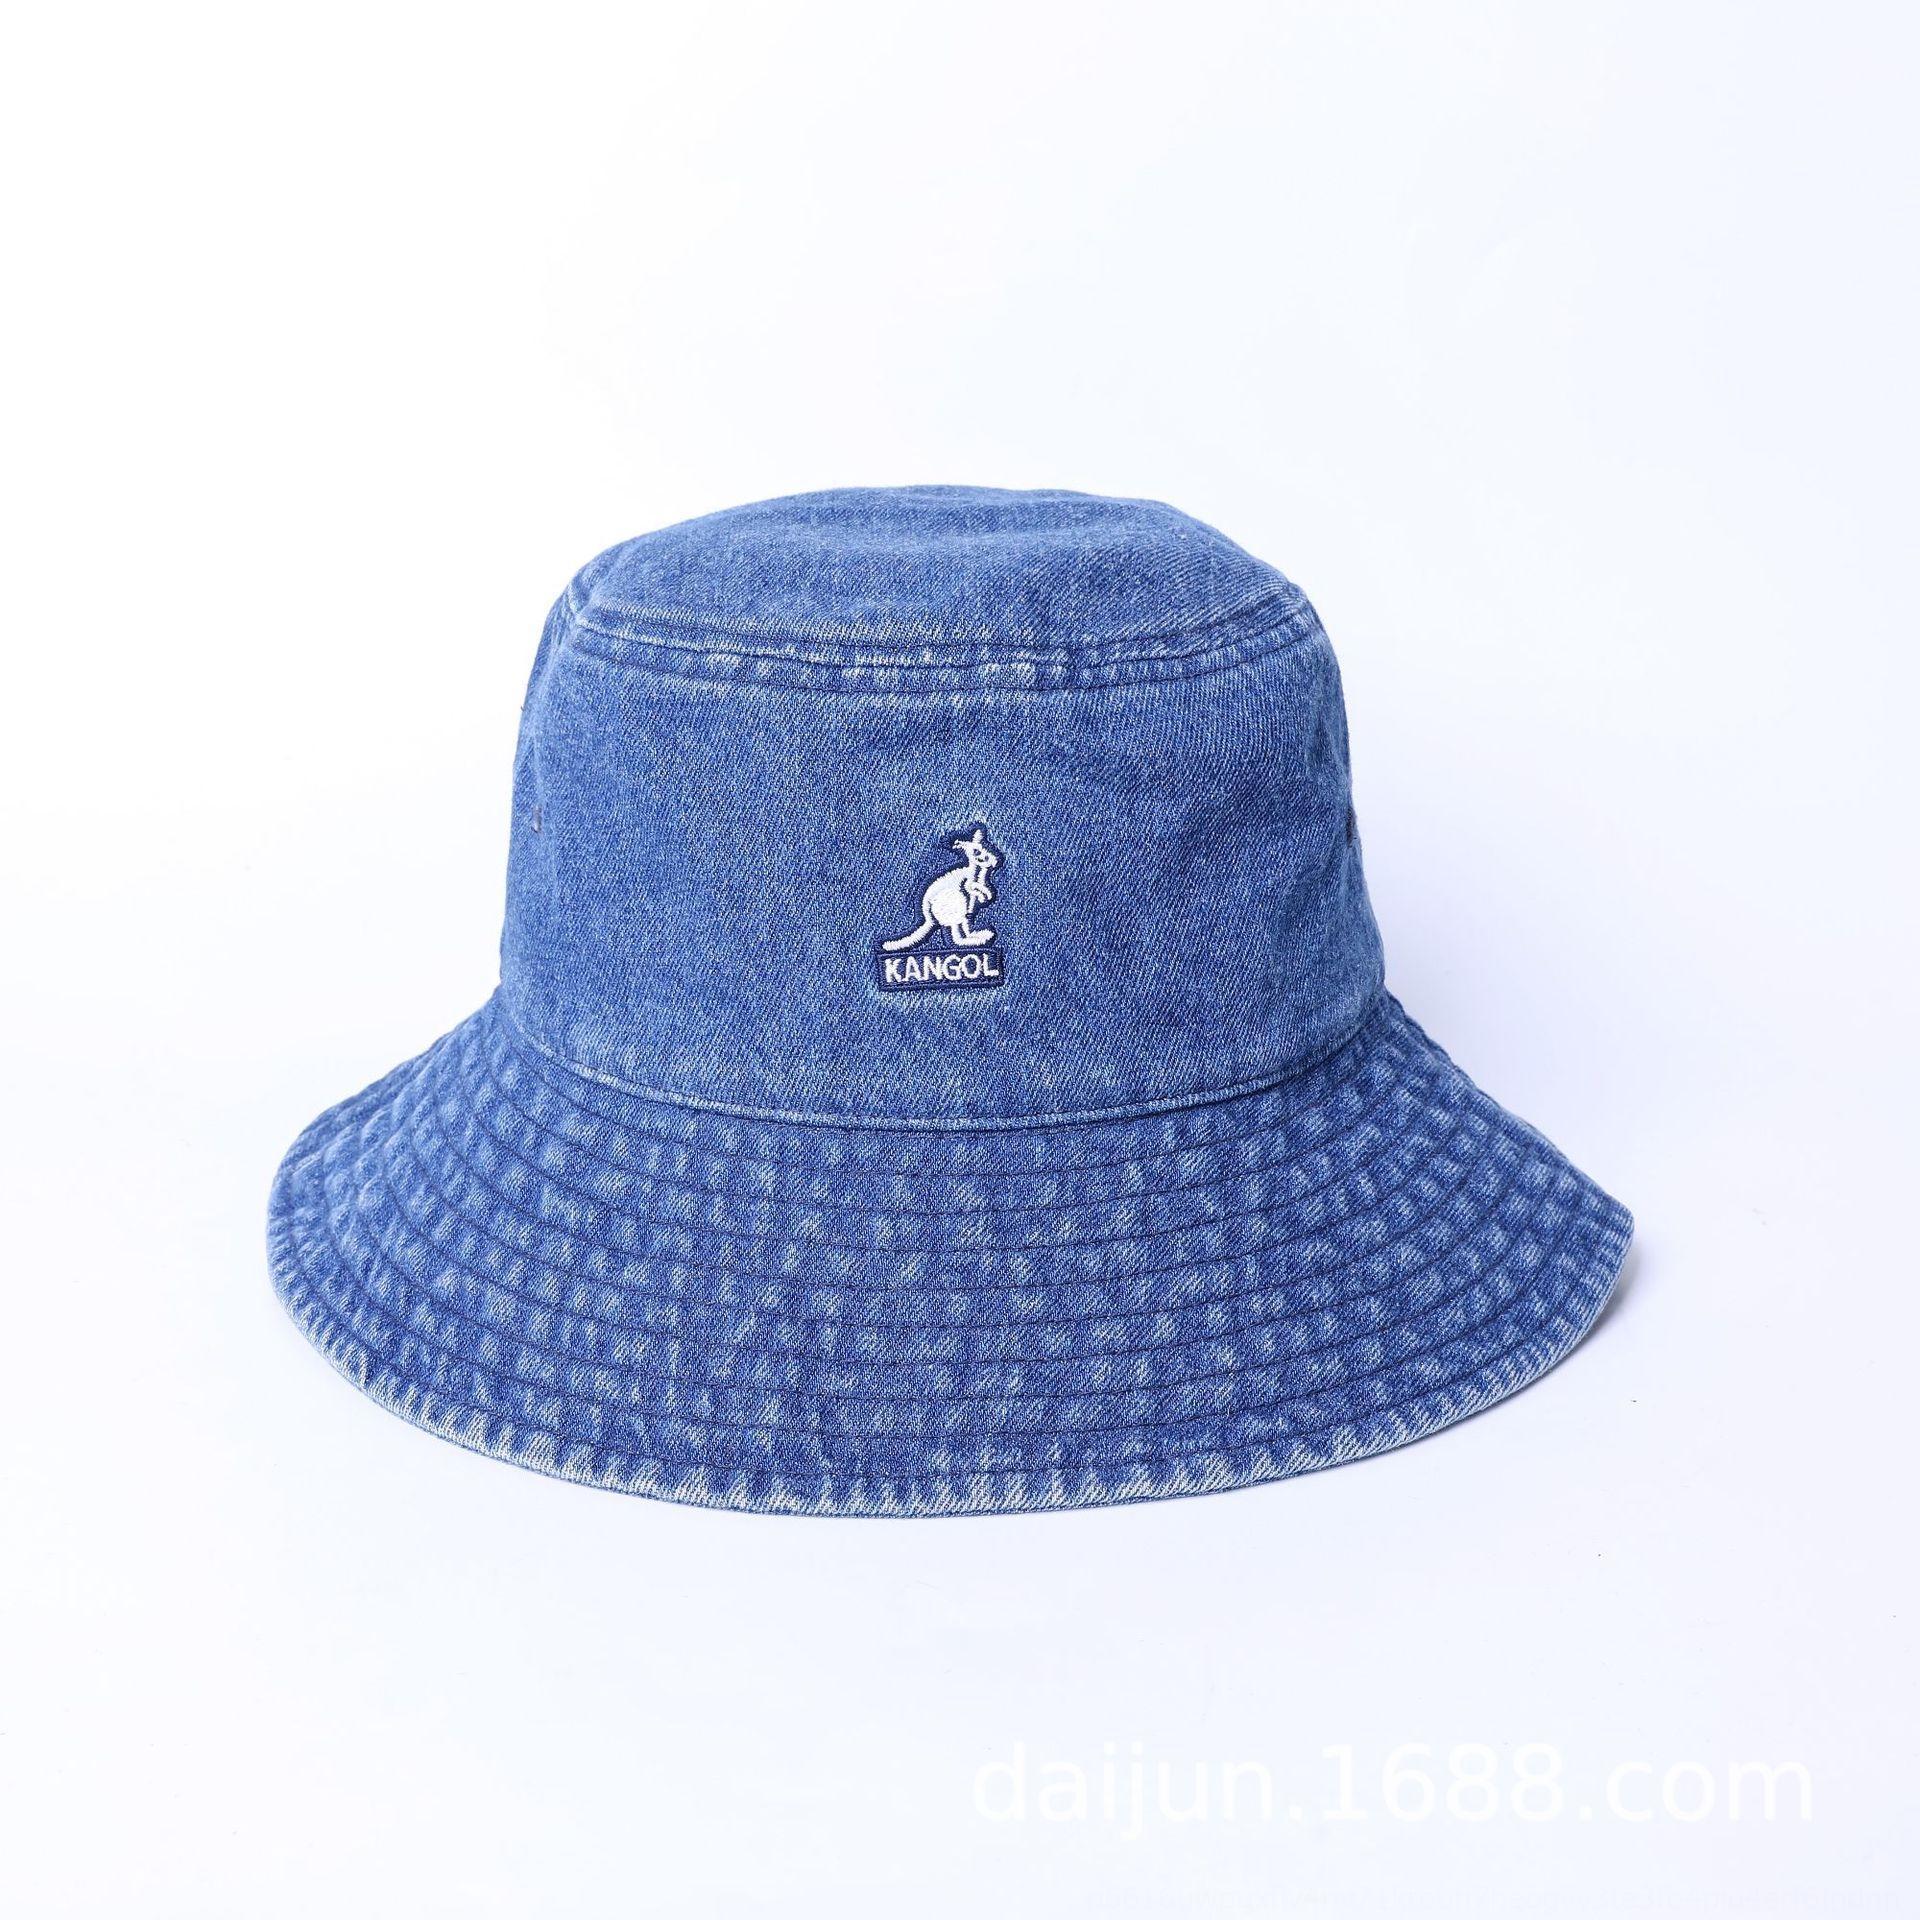 n0bYn Kangol bleu pêcheur de cow-boy Kangaroo lavé grand chapeau seau seau de loisirs parasol bord chapeau de bassin de célébrité Internet du même